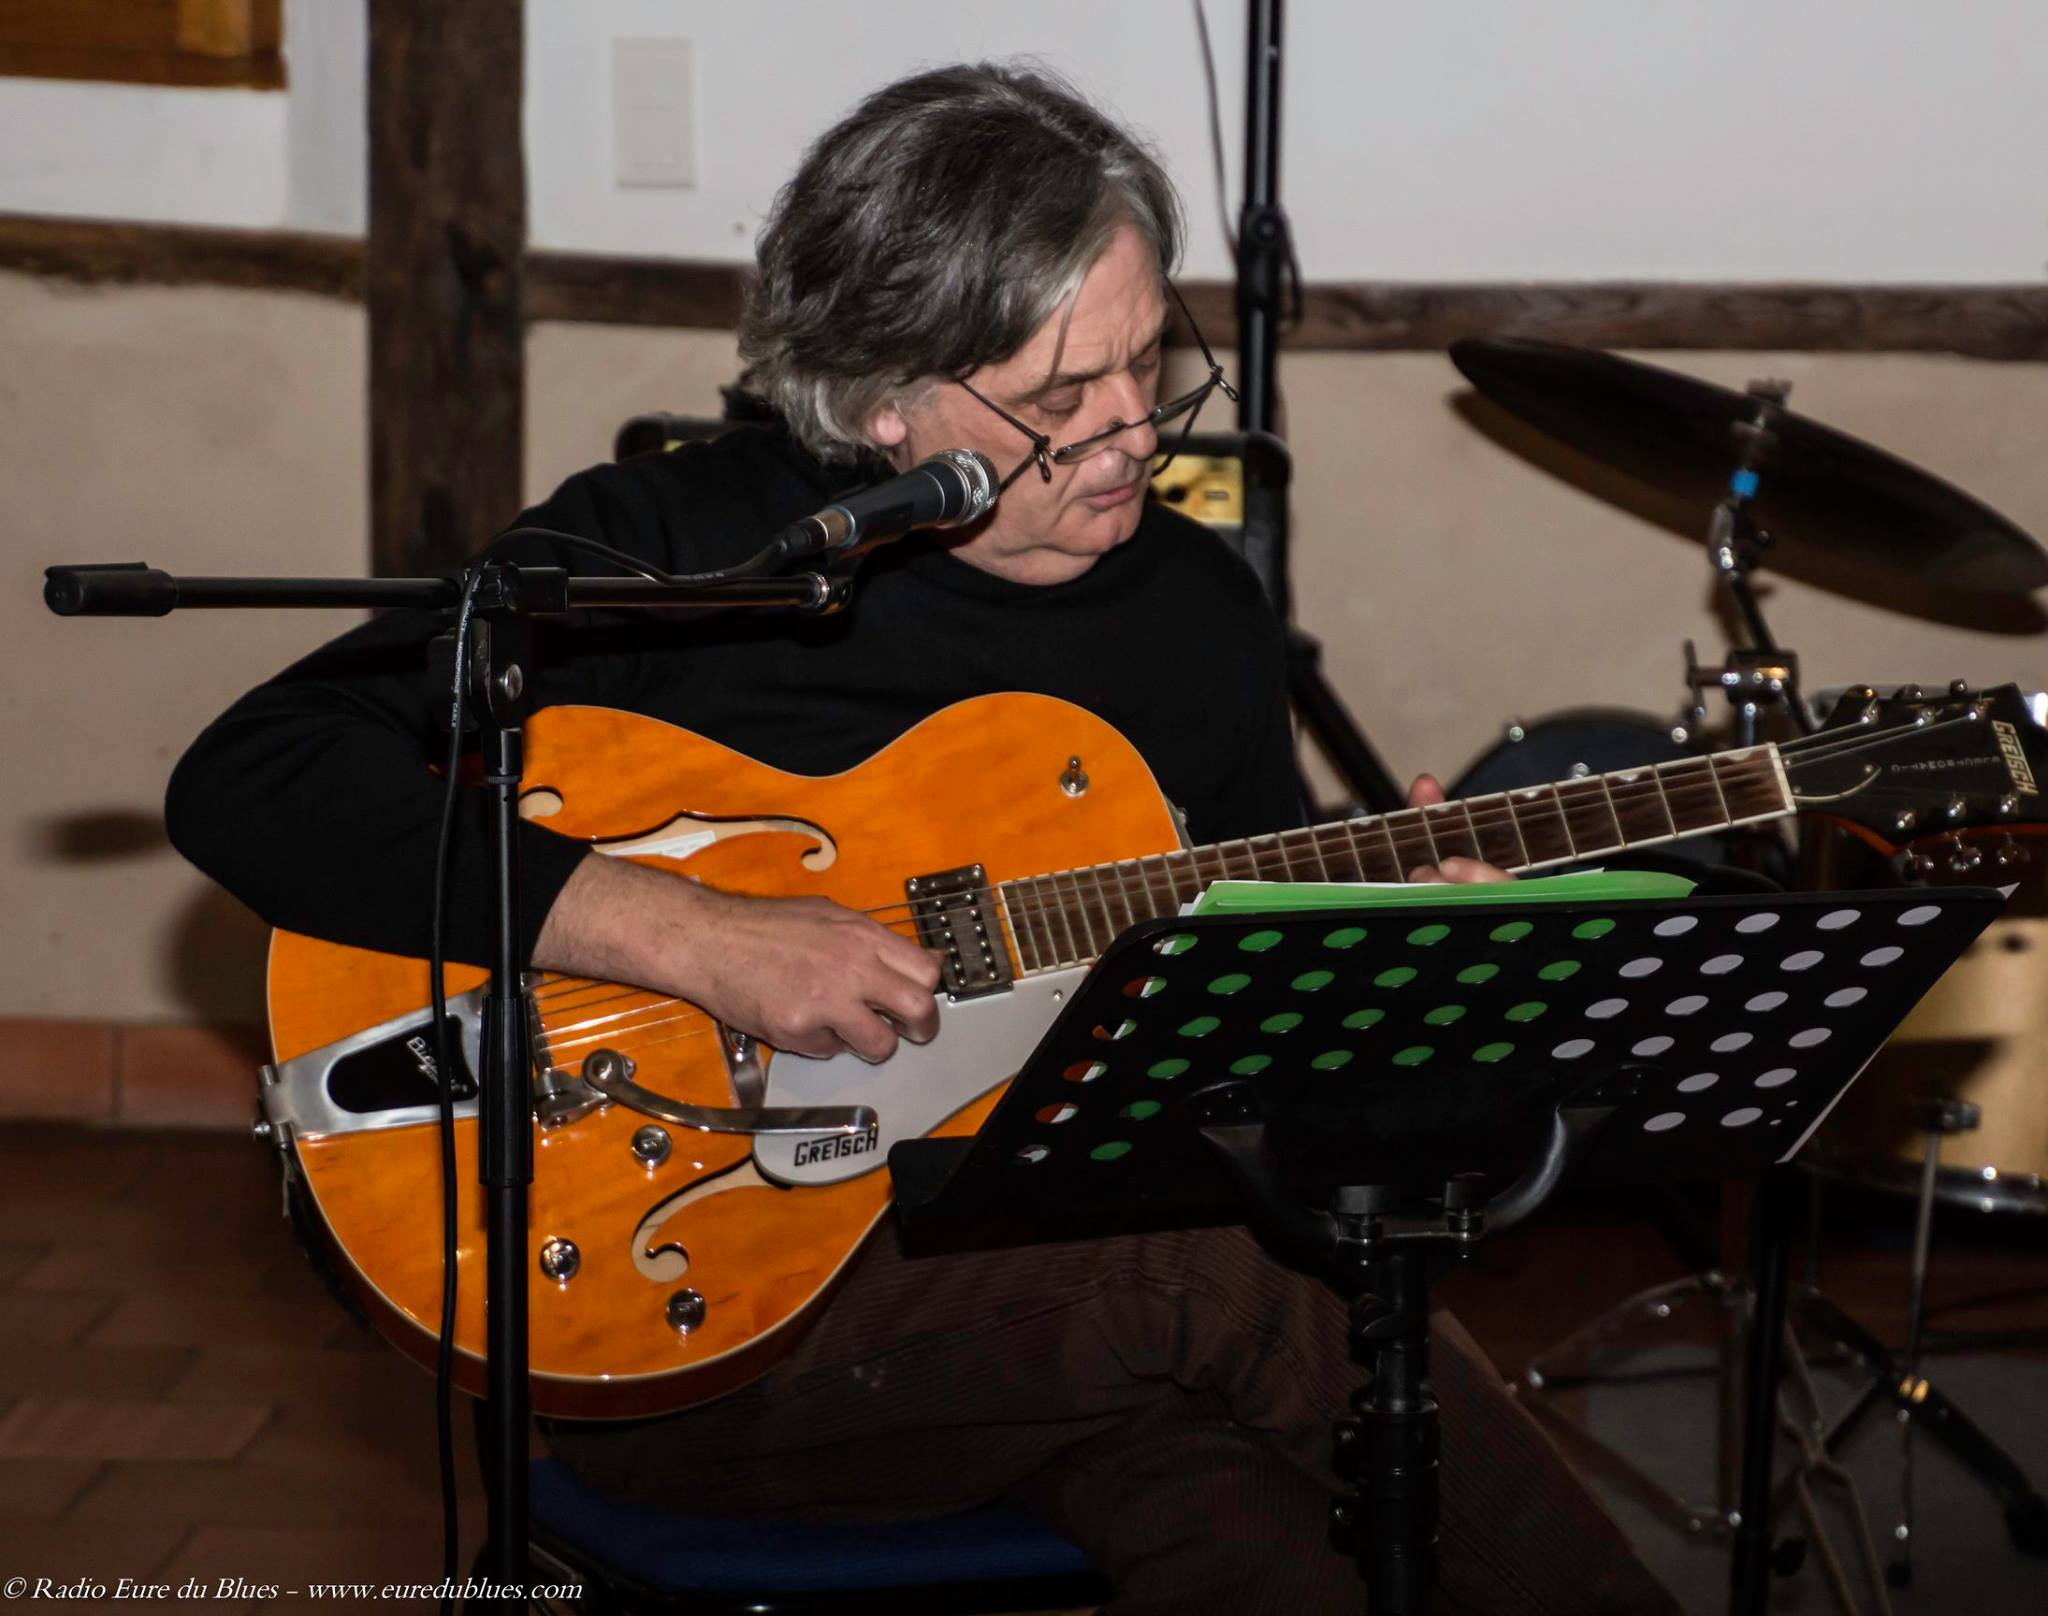 Dîner concert ave Eric Fournaire, voix et guitare